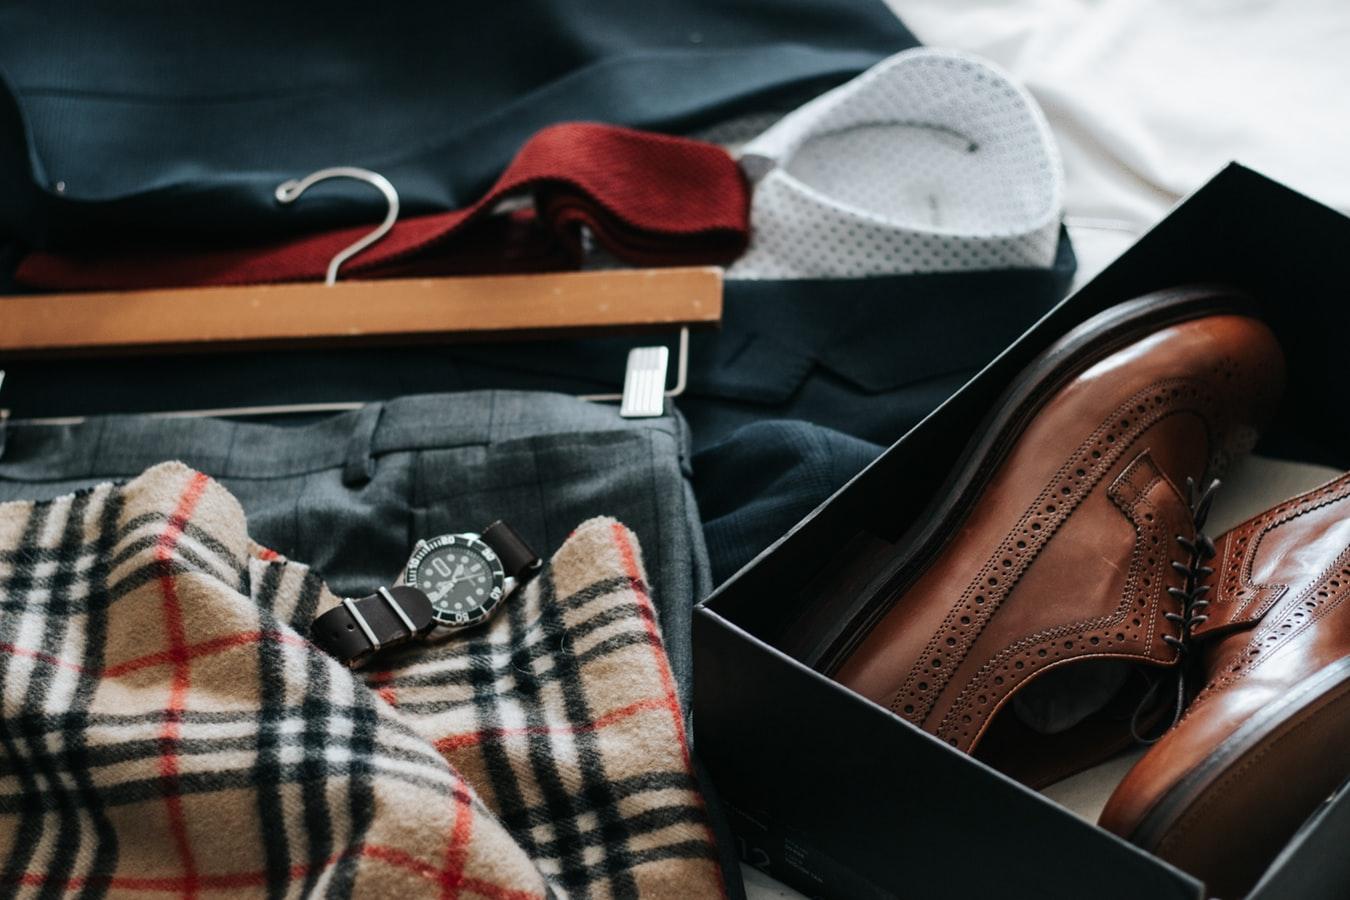 Des vêtements et des chaussures entassés sur une table